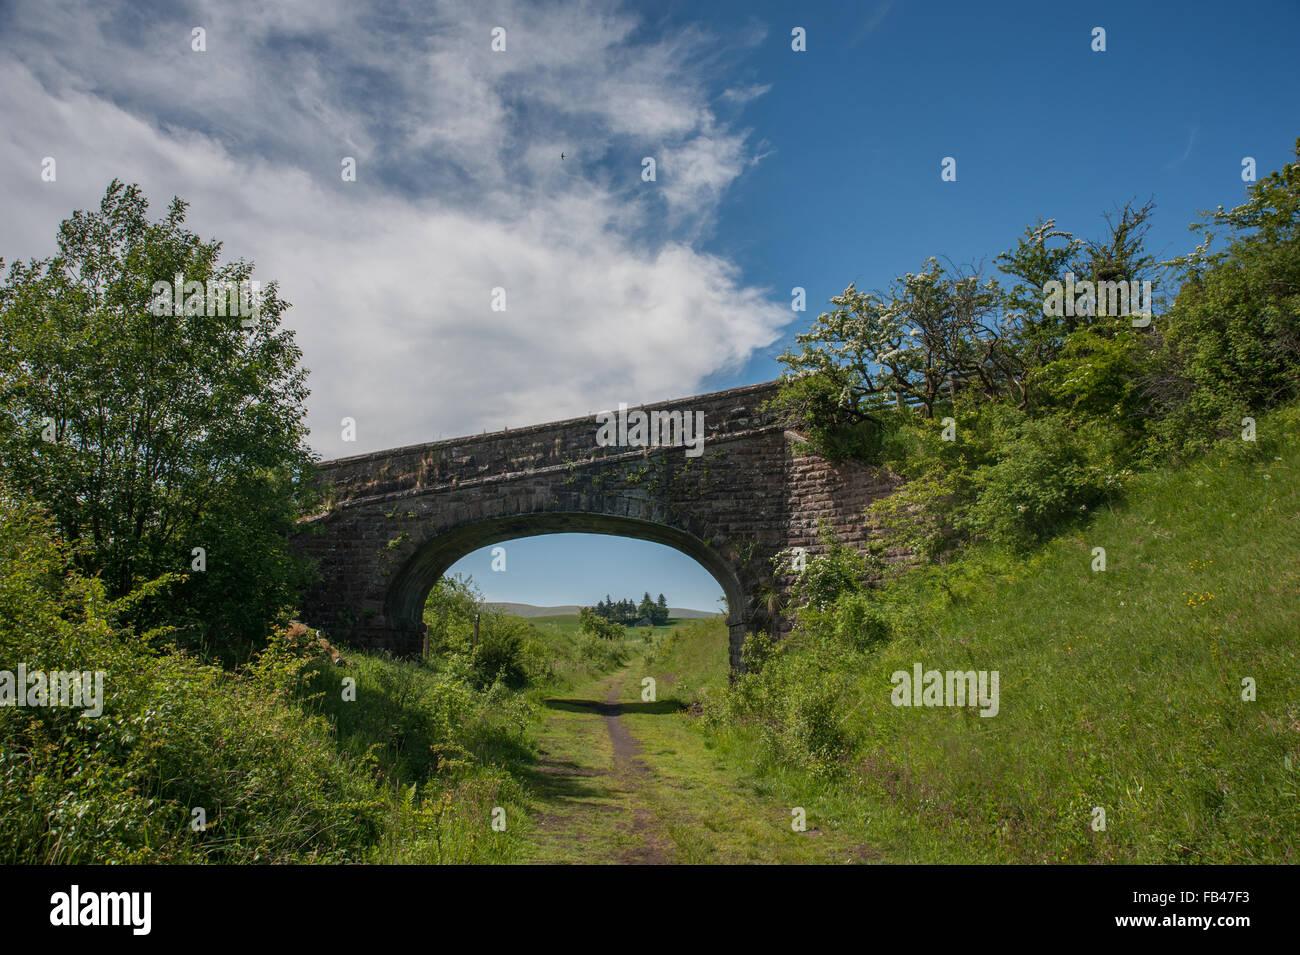 Dismantled Railway along Smardale - Stock Image